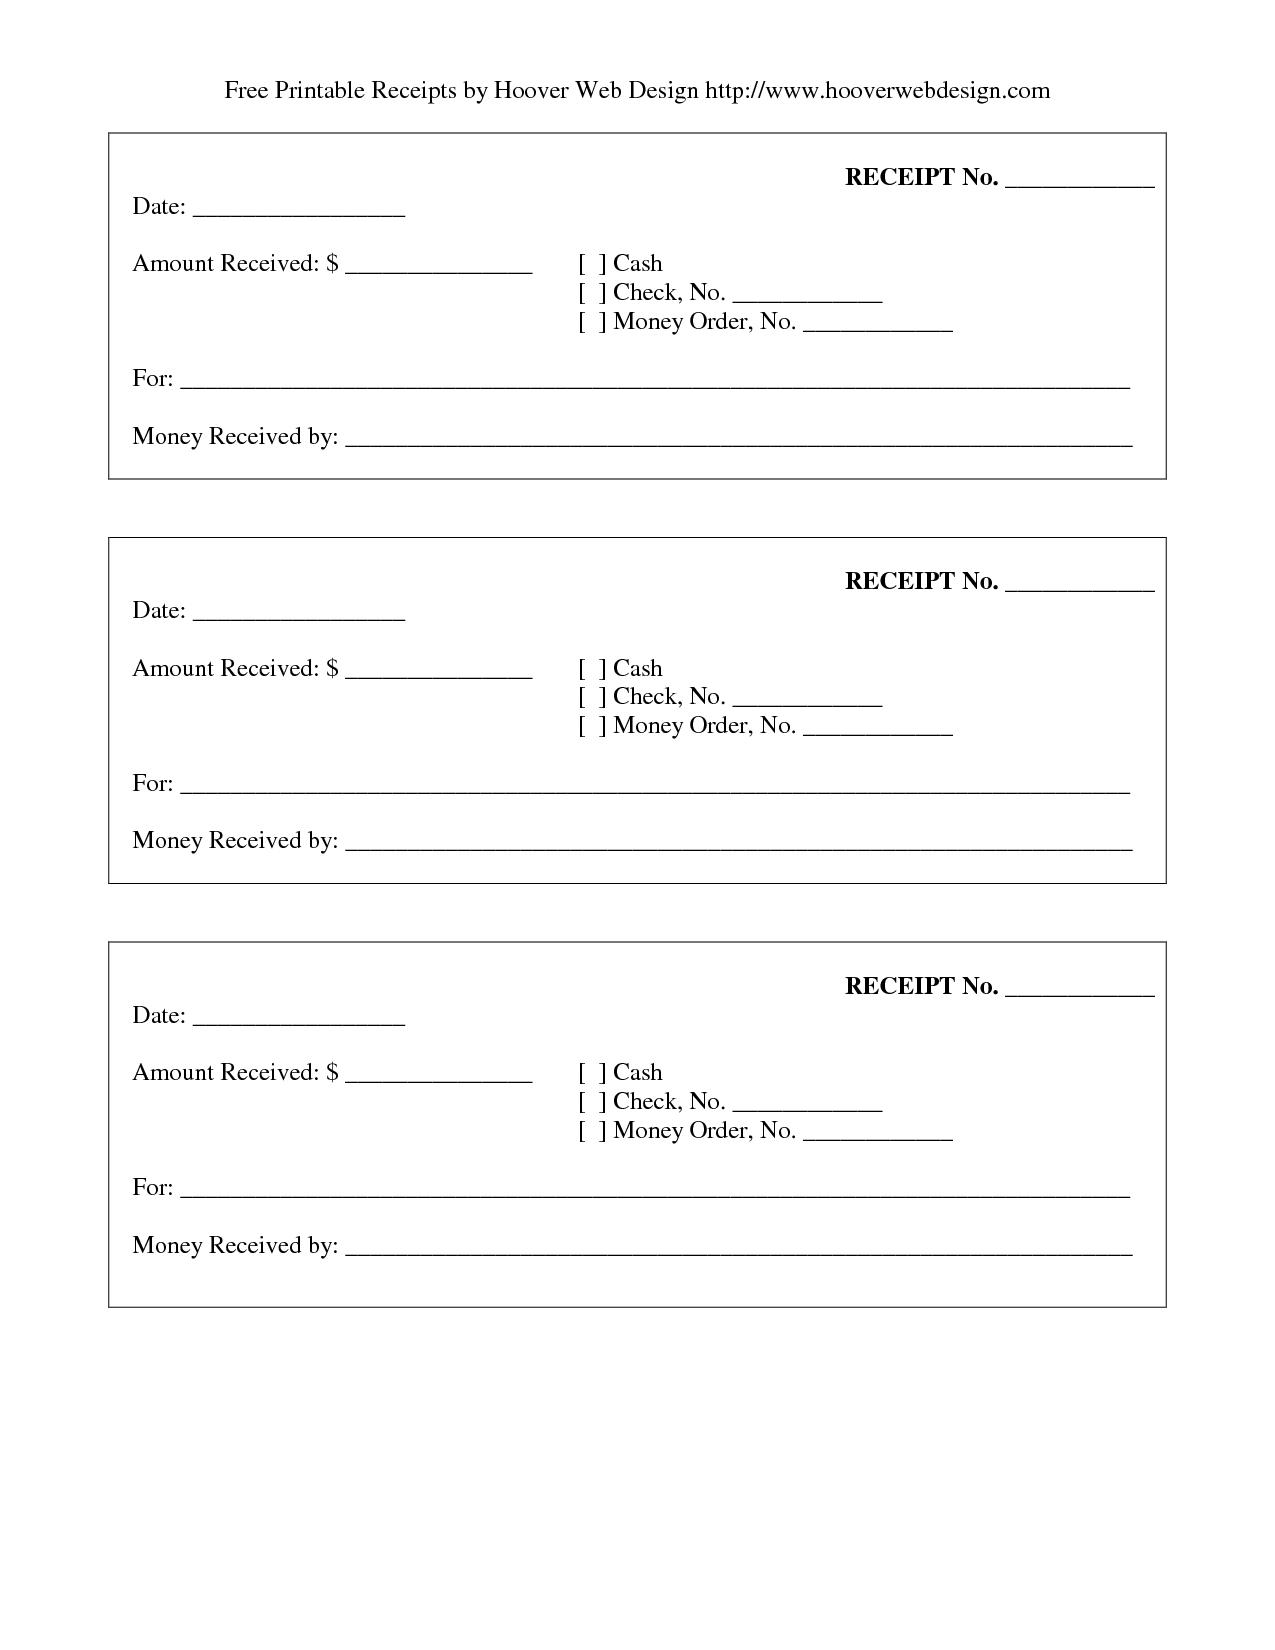 Print Receipt | Free Printable Receipt | Stuff To Buy | Pinterest - Free Printable Receipt Template